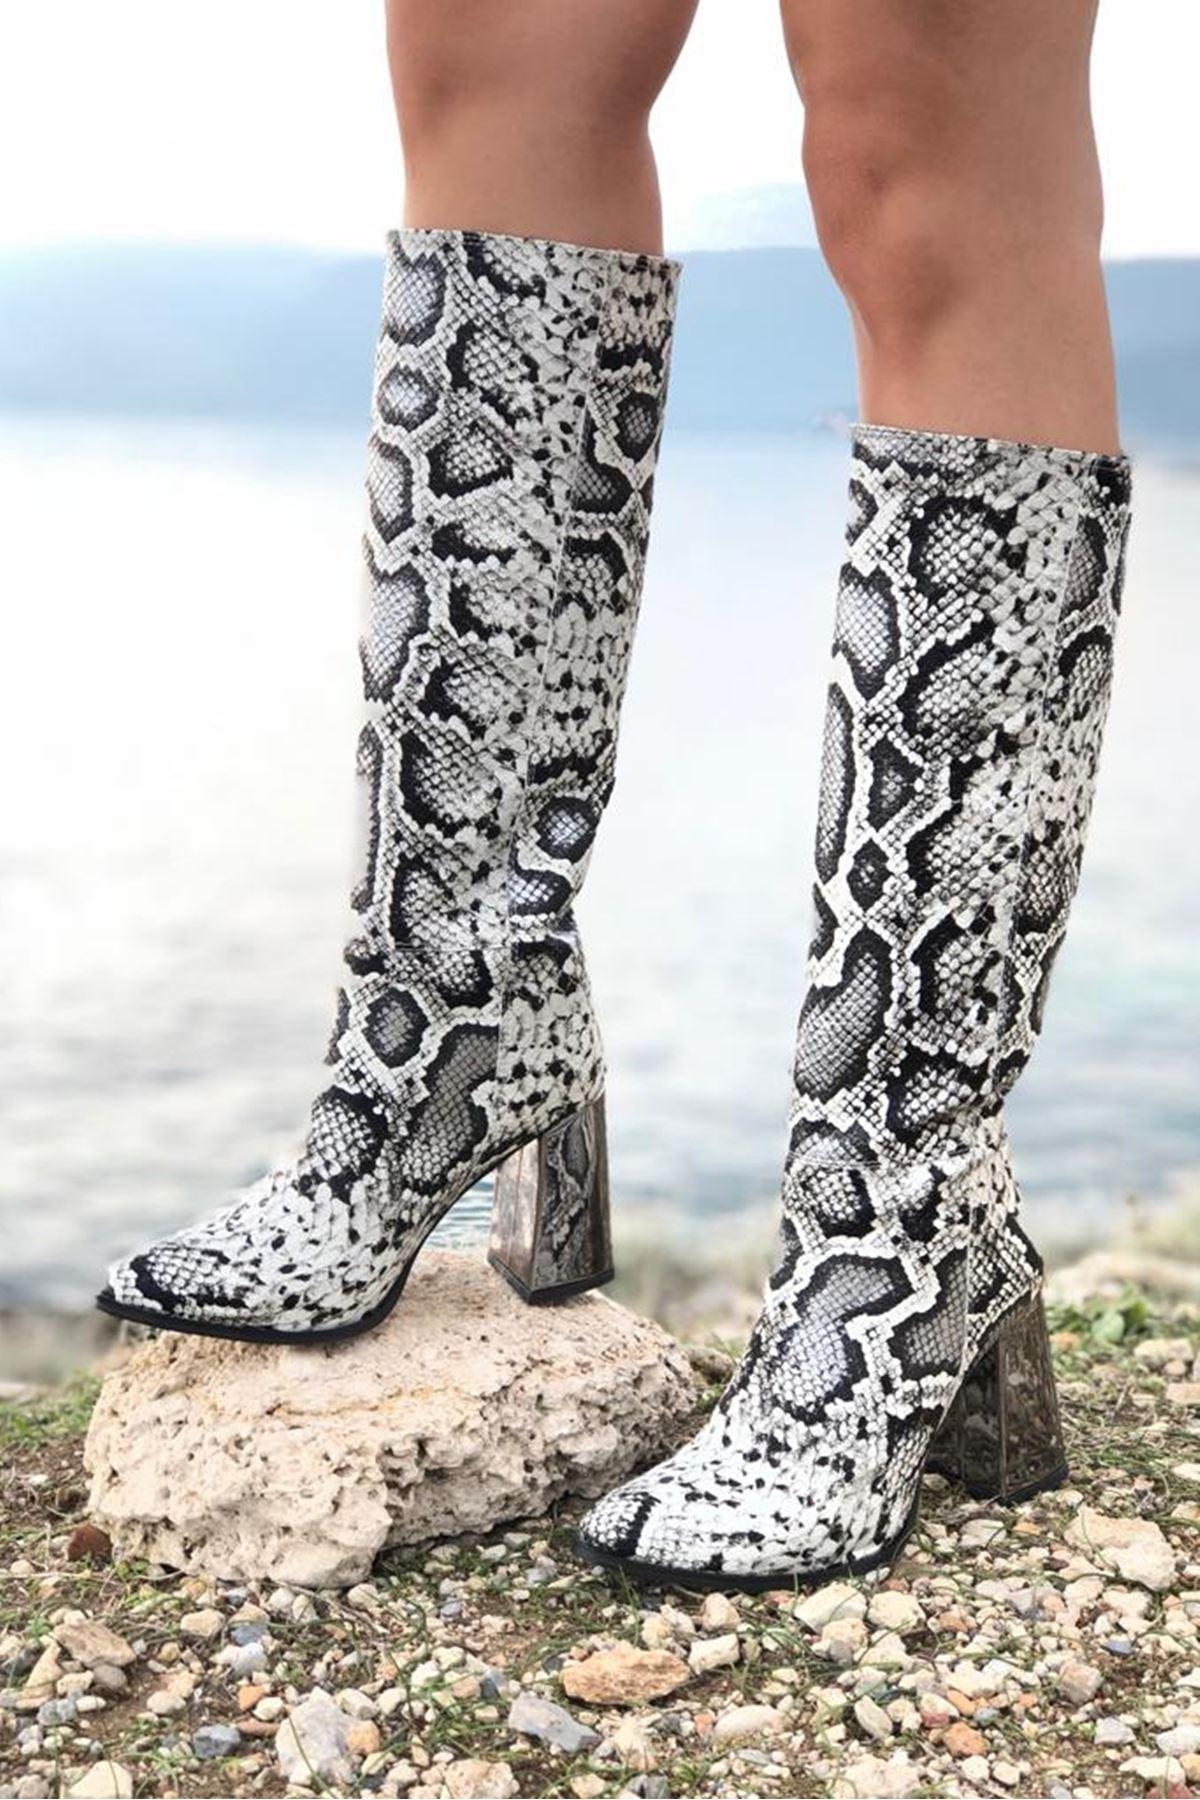 00153 Siyah Beyaz Yılan Topuklu Çizme